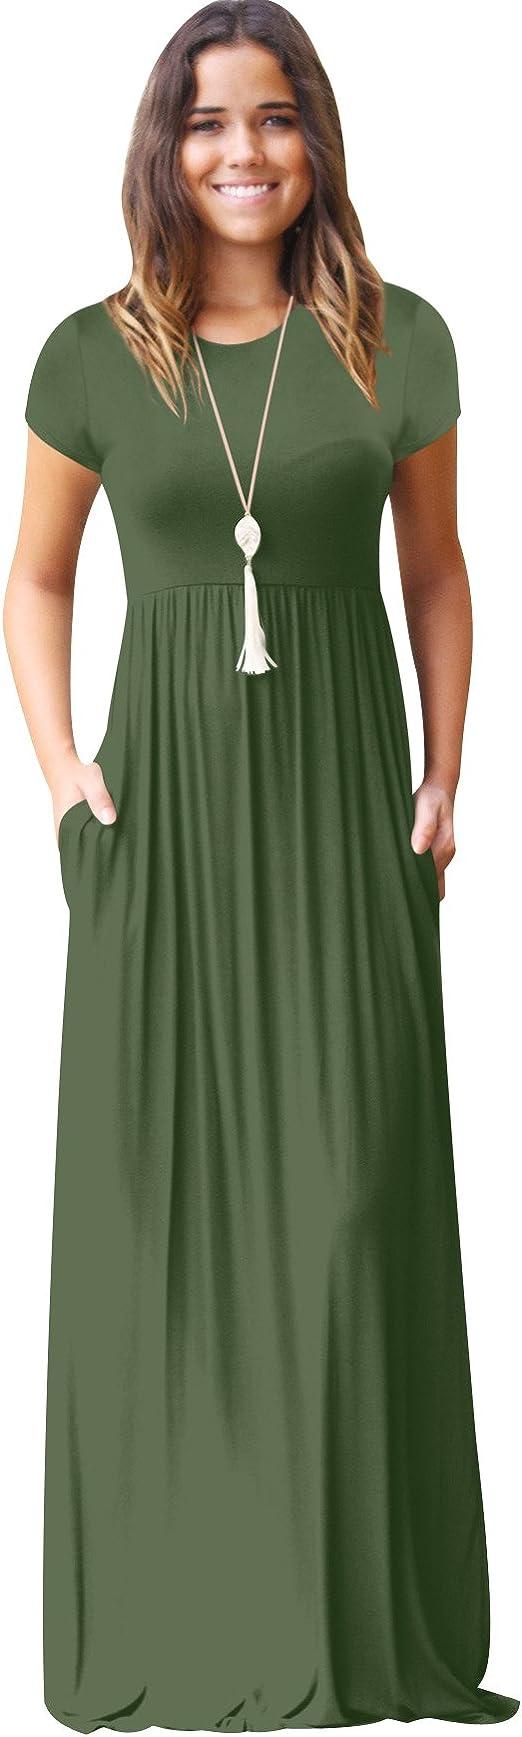 ISSHE Lange Kleider Damen Maxikleid mit ärmel Sommerkleider Lang Maxi  Kleider Sommer Lockere Bodenlanges Sommerkleid Kurzarm Kleid Bodenlang